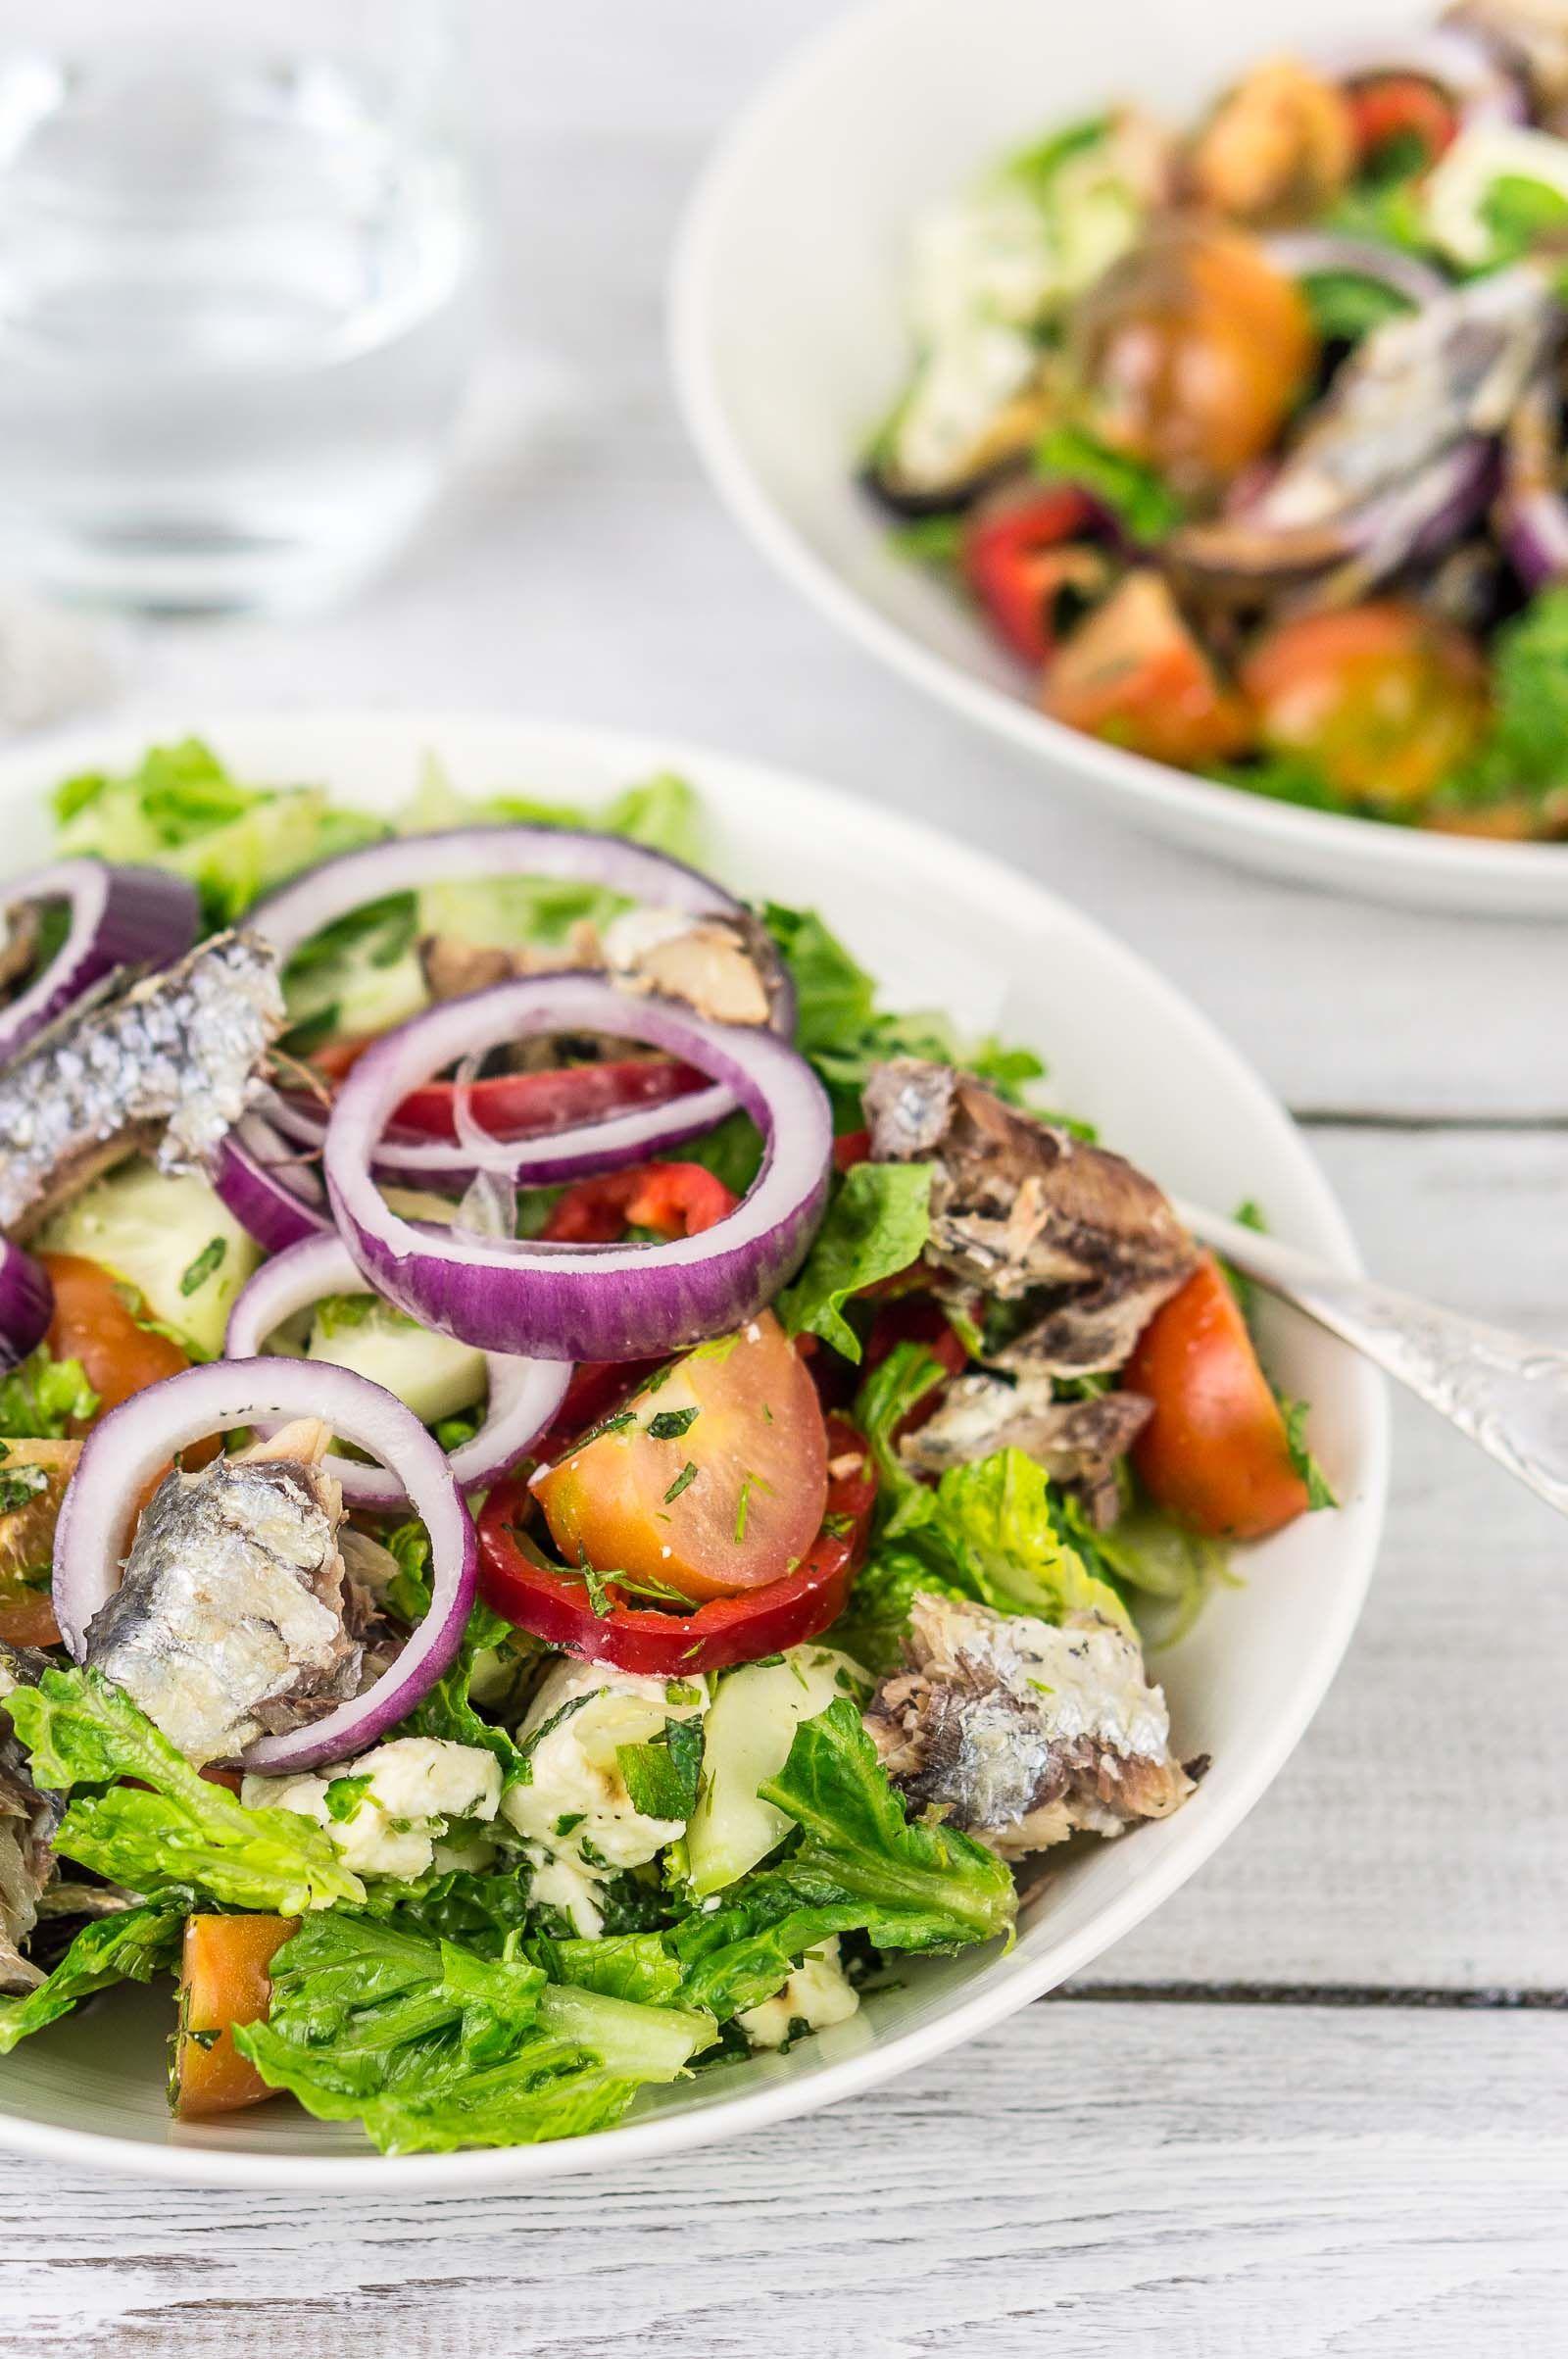 новостройке застройщика салаты ресторанного типа рецепты с фото ресурсного центра